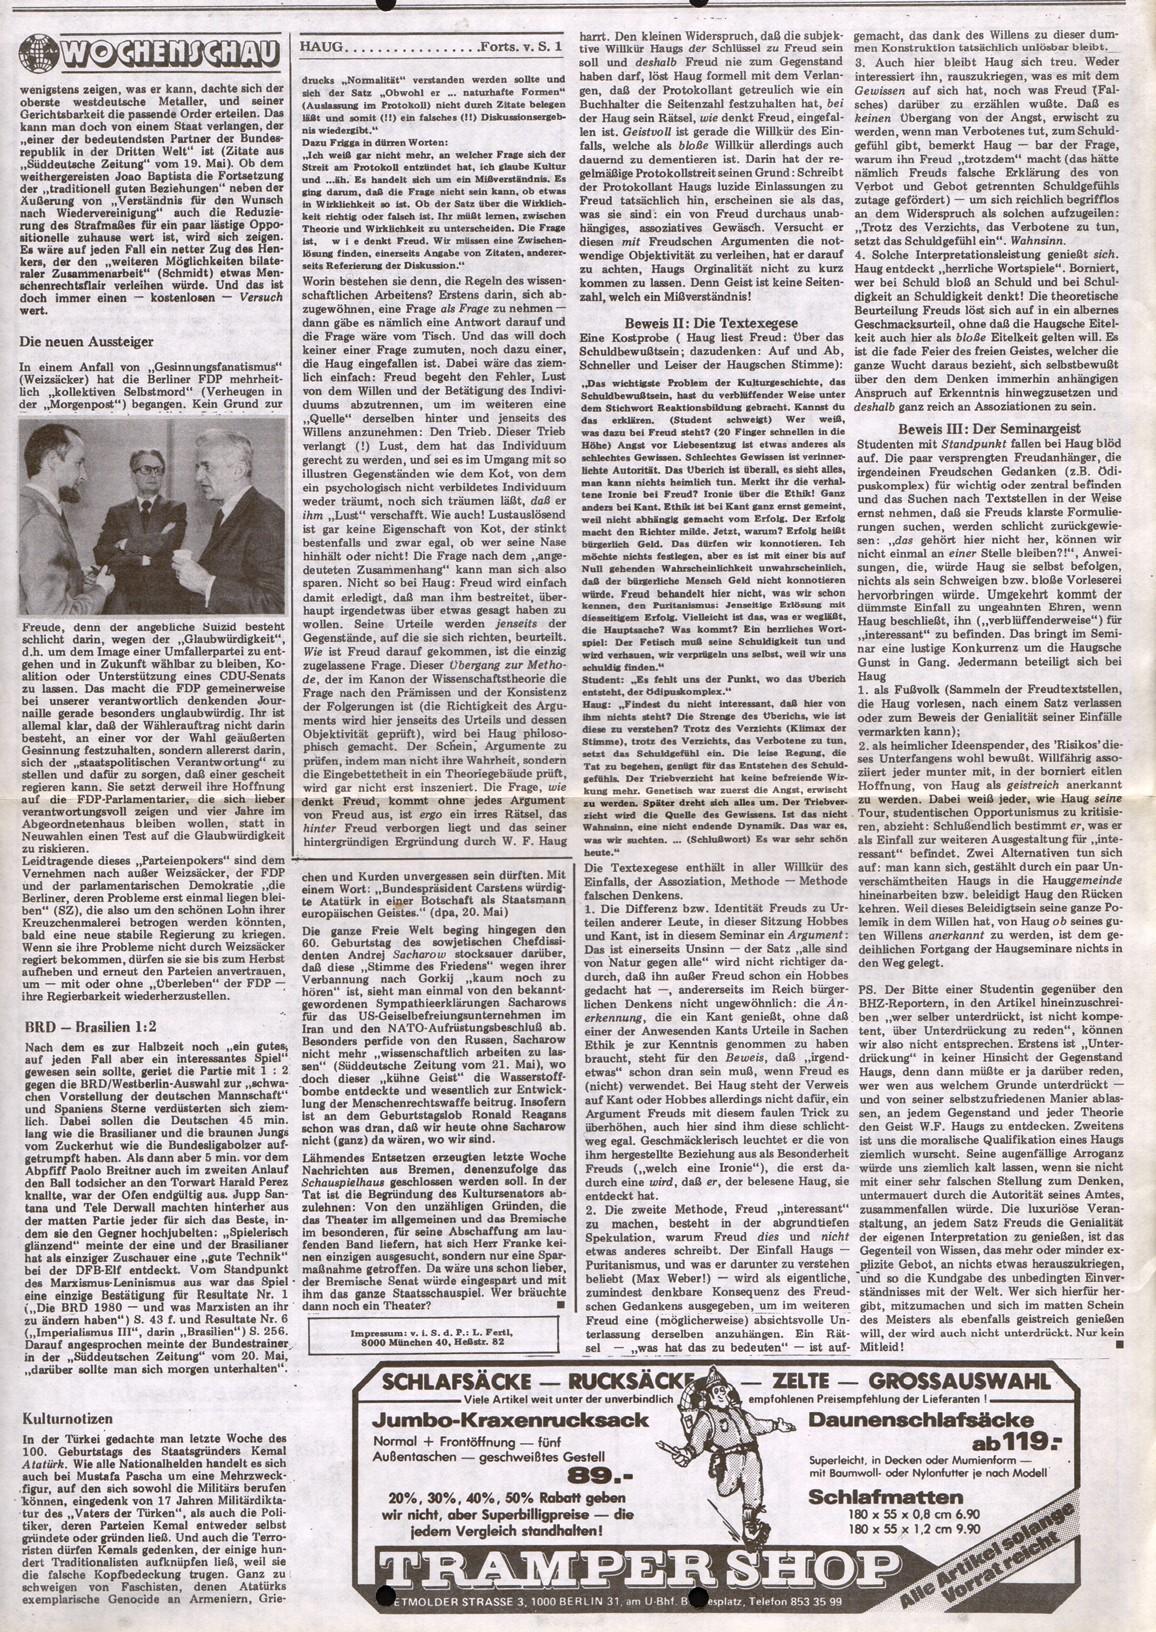 Berlin_MG_Hochschulzeitung_19810526_03